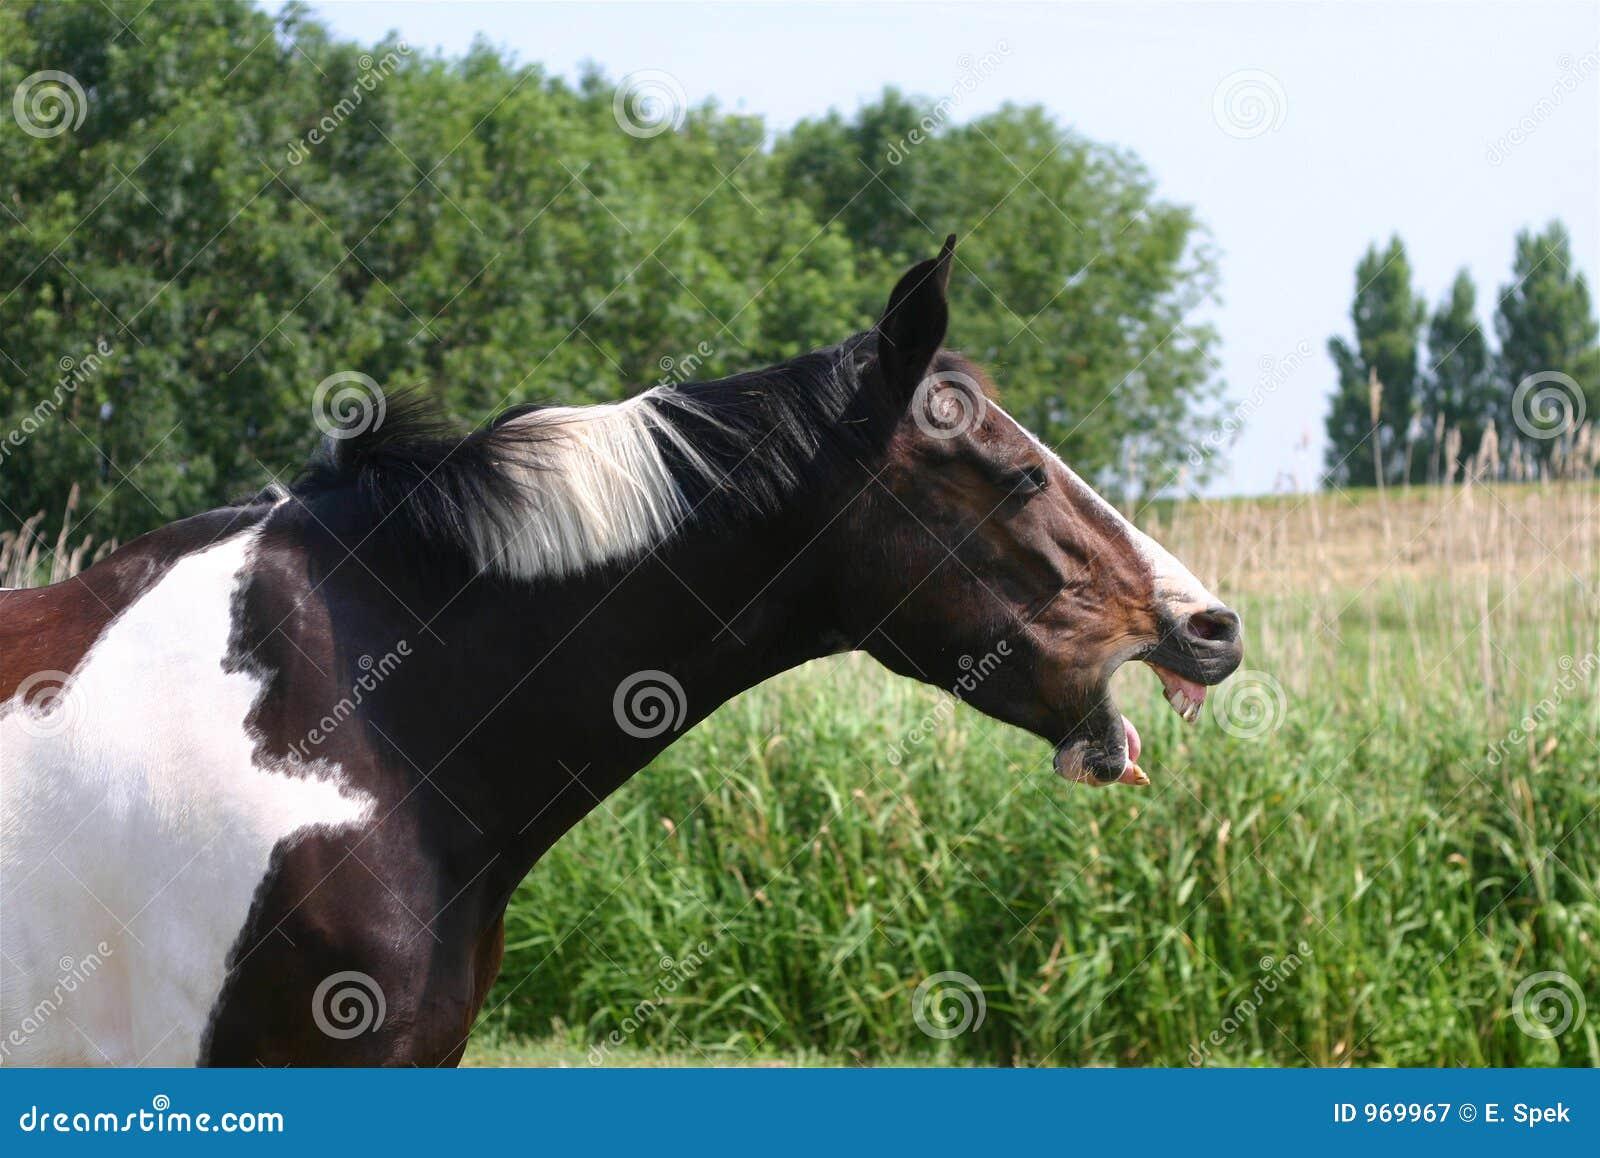 Bored horse